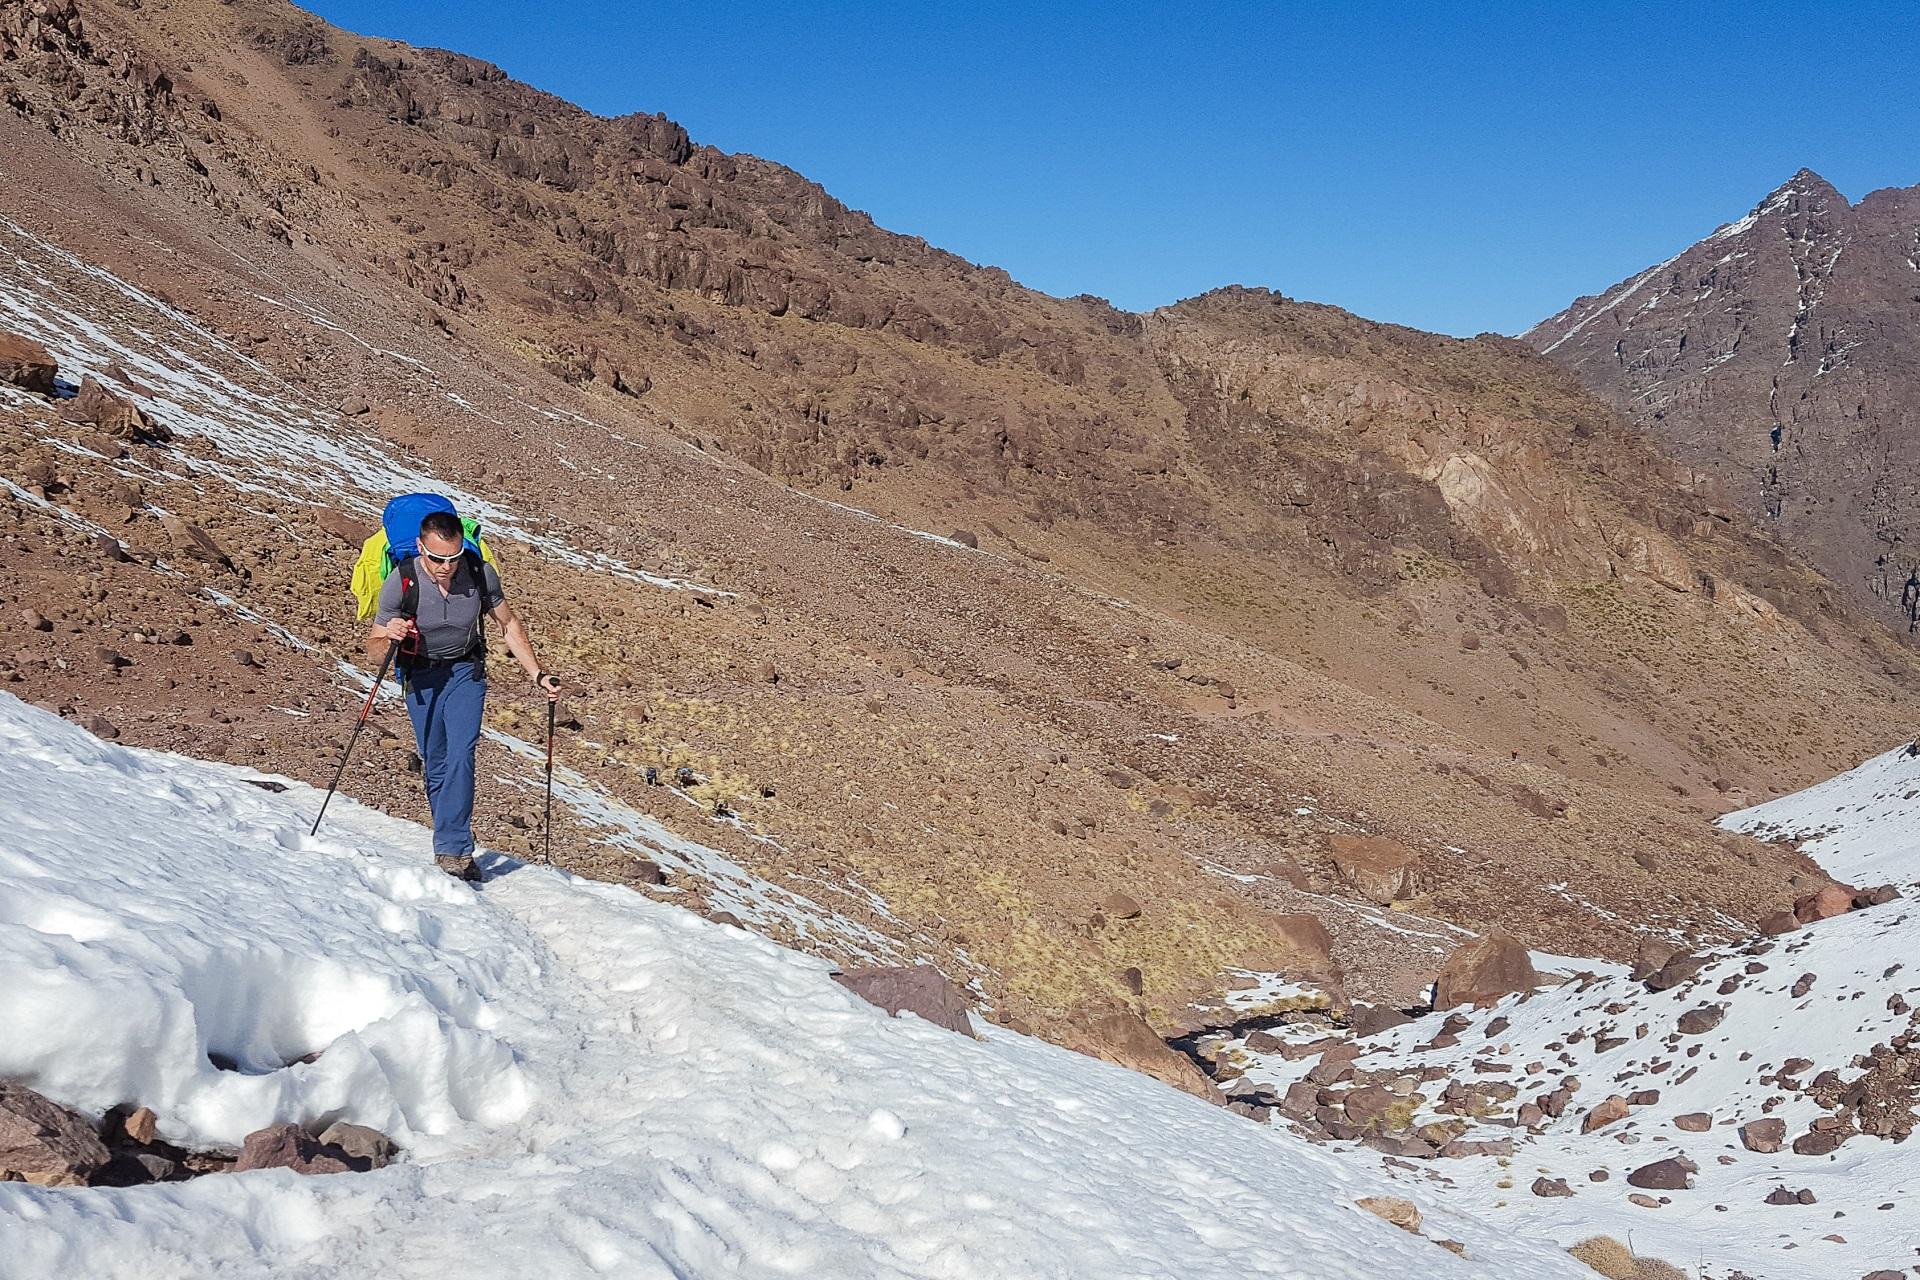 Strefa śniegu zaczyna się na wysokości ok 2800 m n p m.